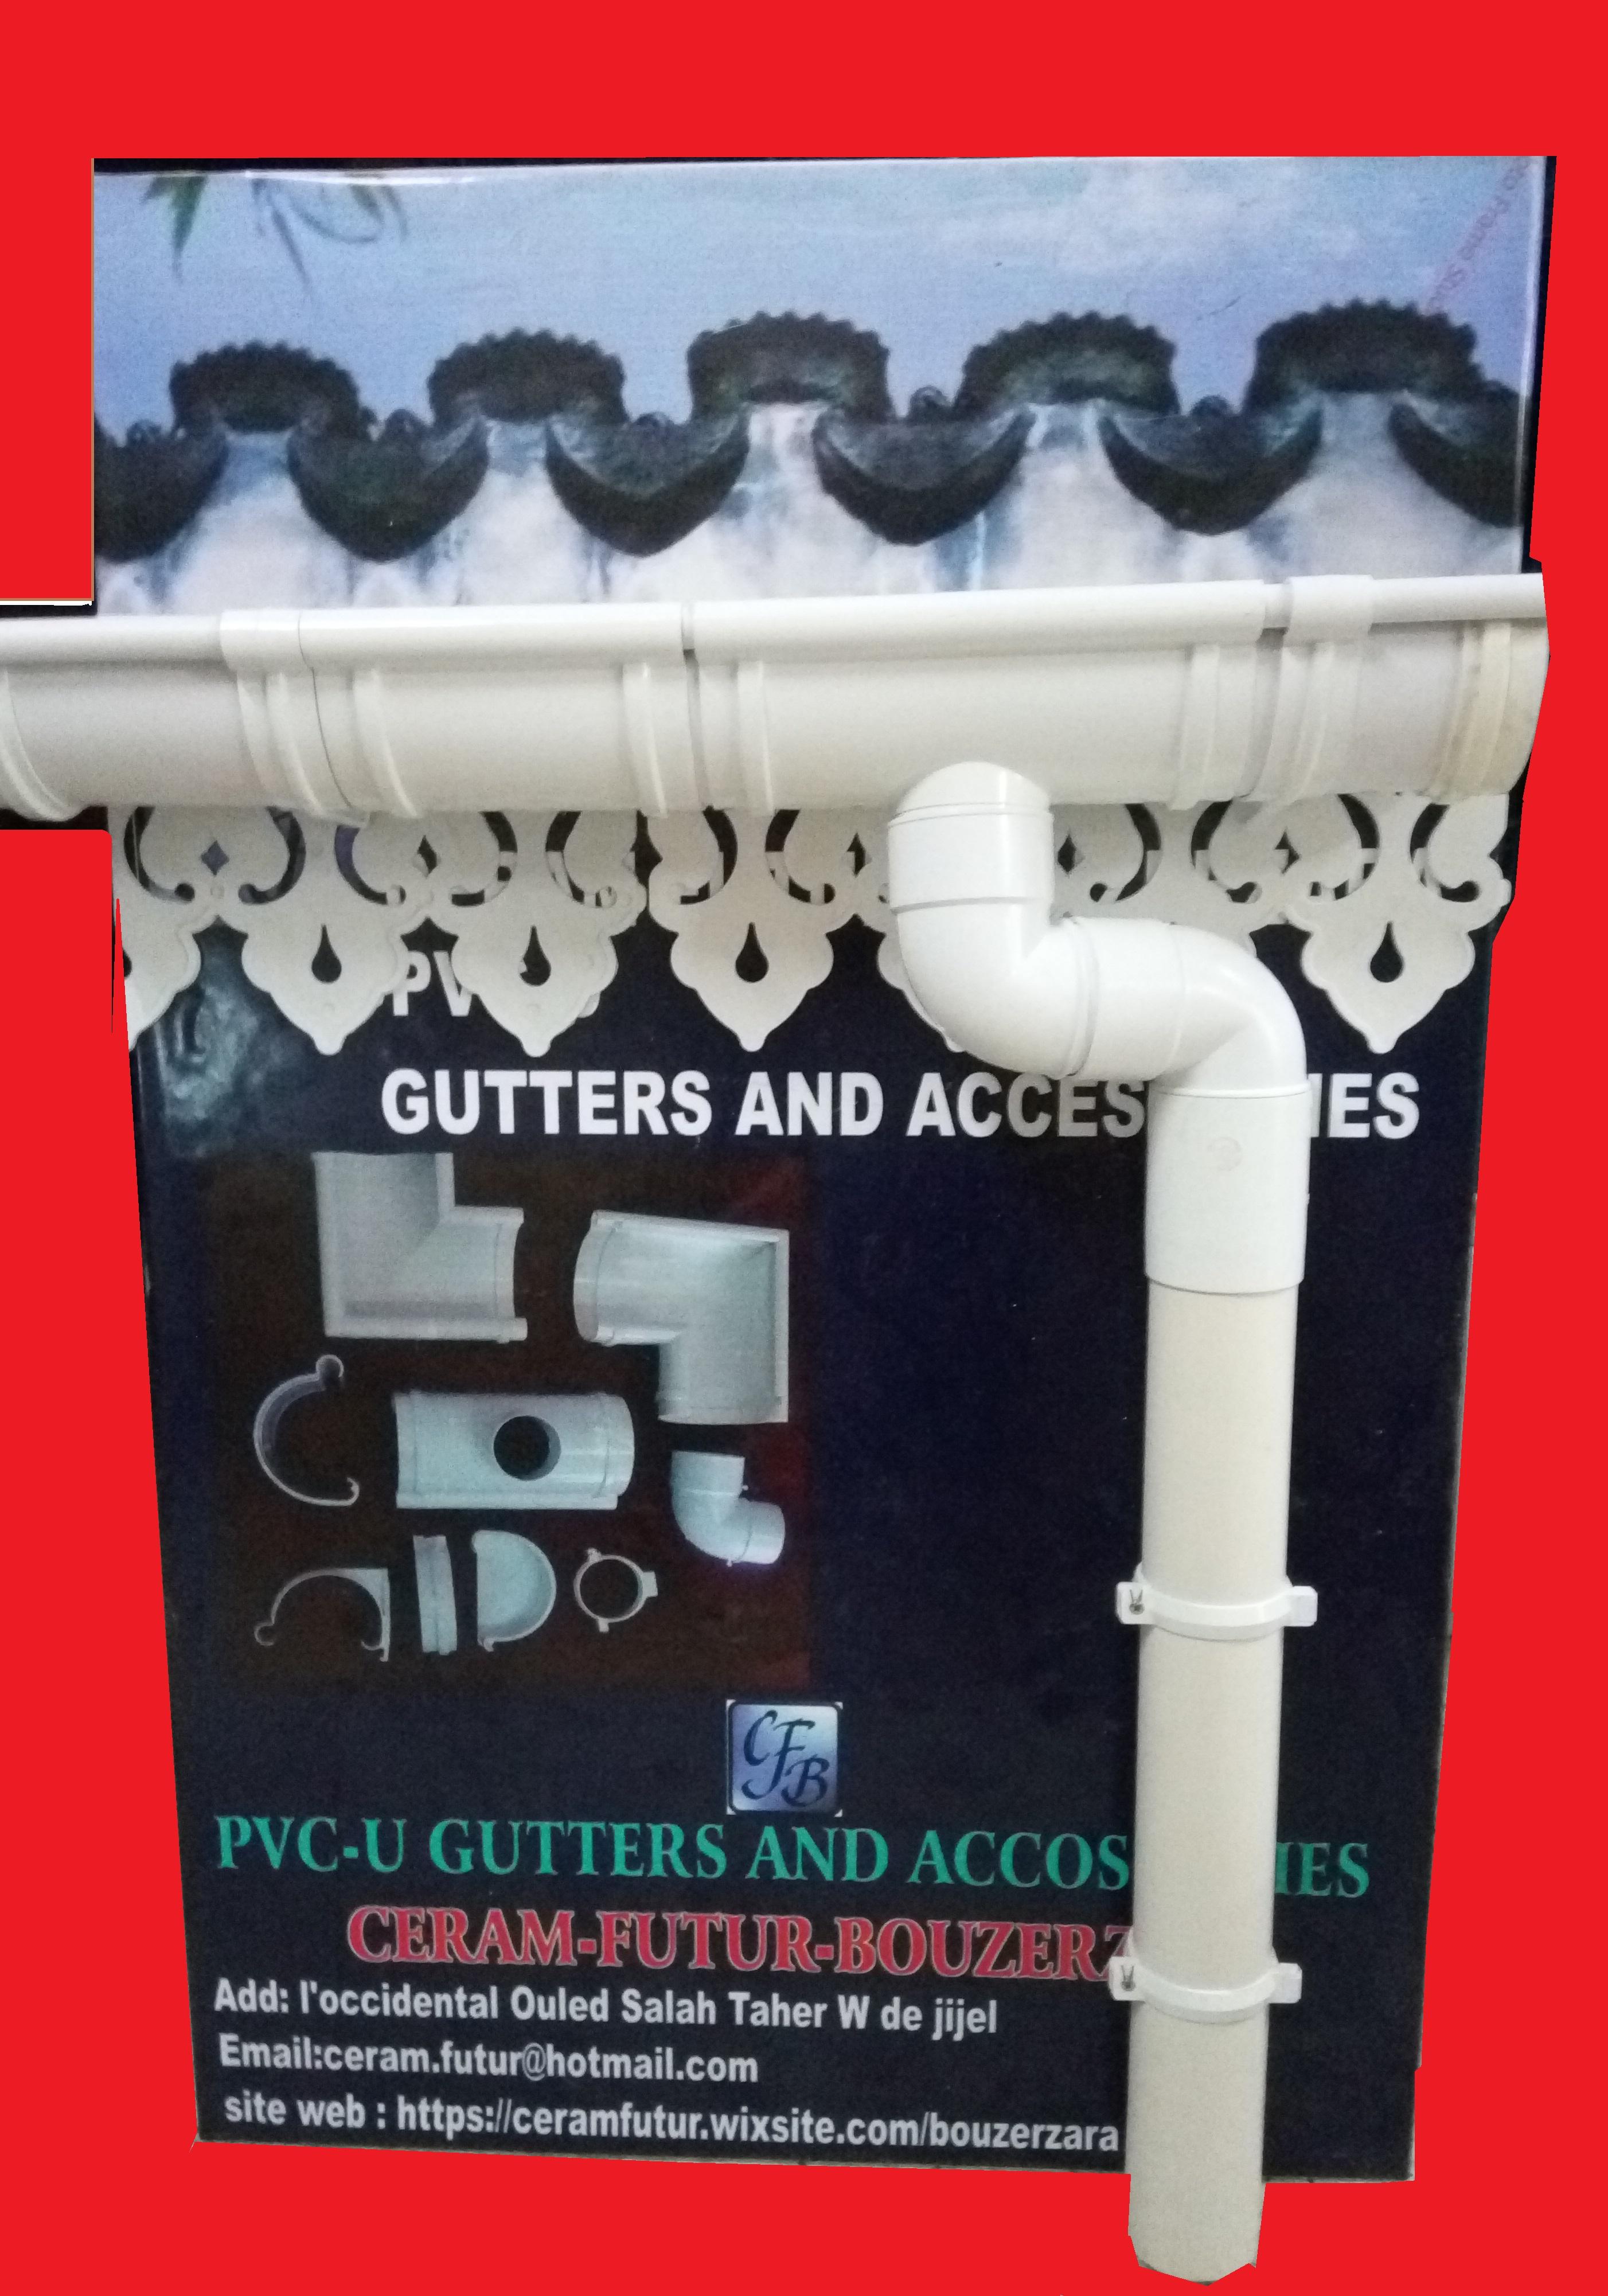 Gouttière Pvc En U pvc and gutters accessories | bouzerzara